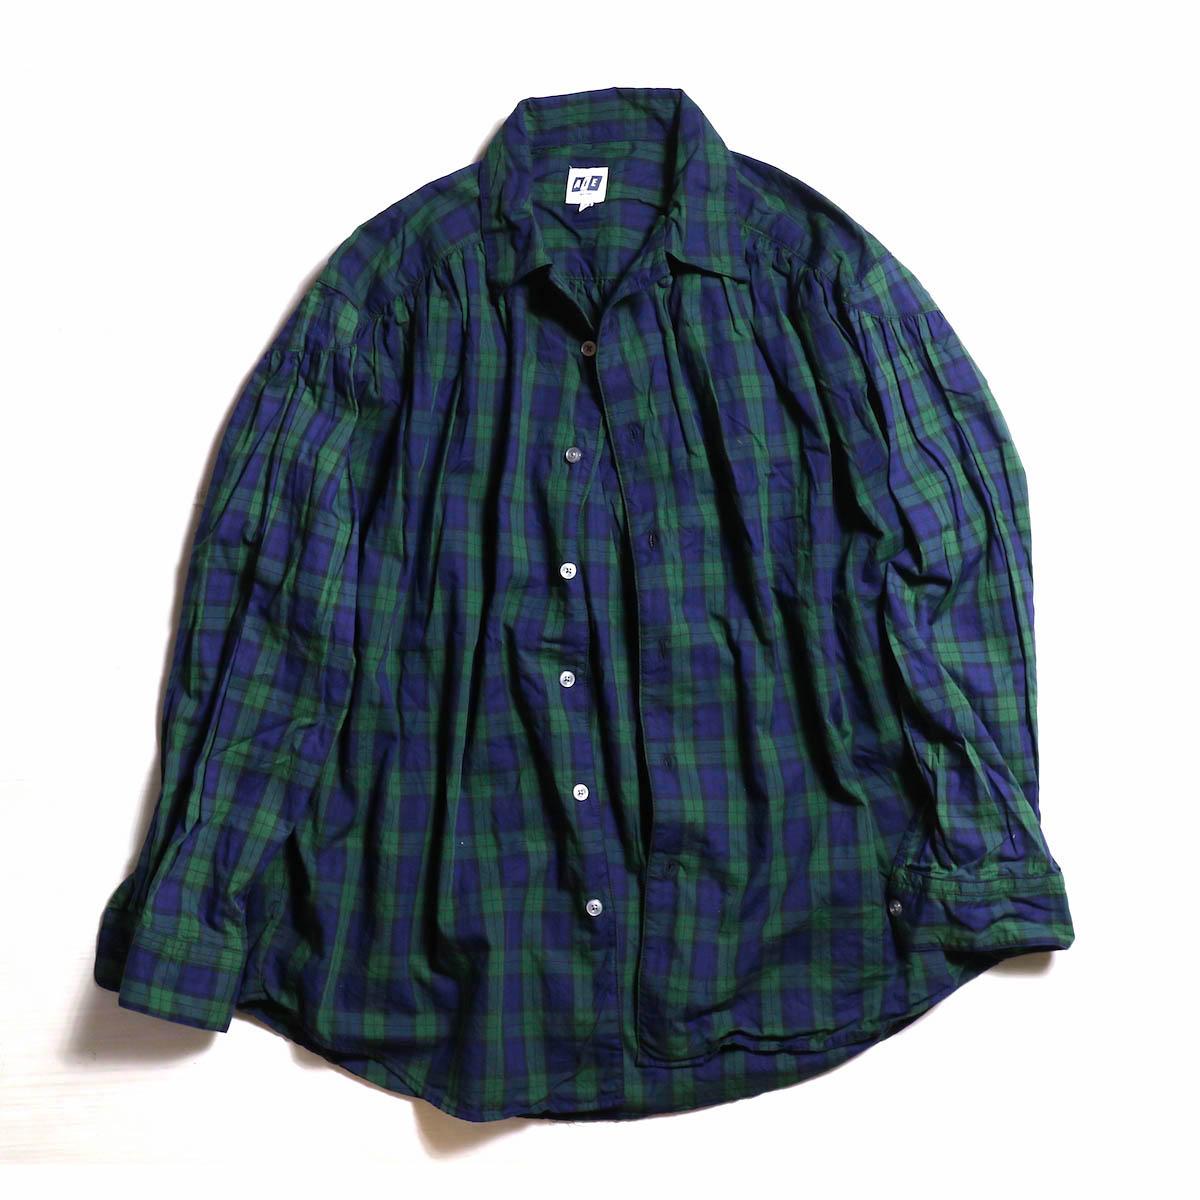 AiE / Painter Shirt -Tartan Check -Blackwatch